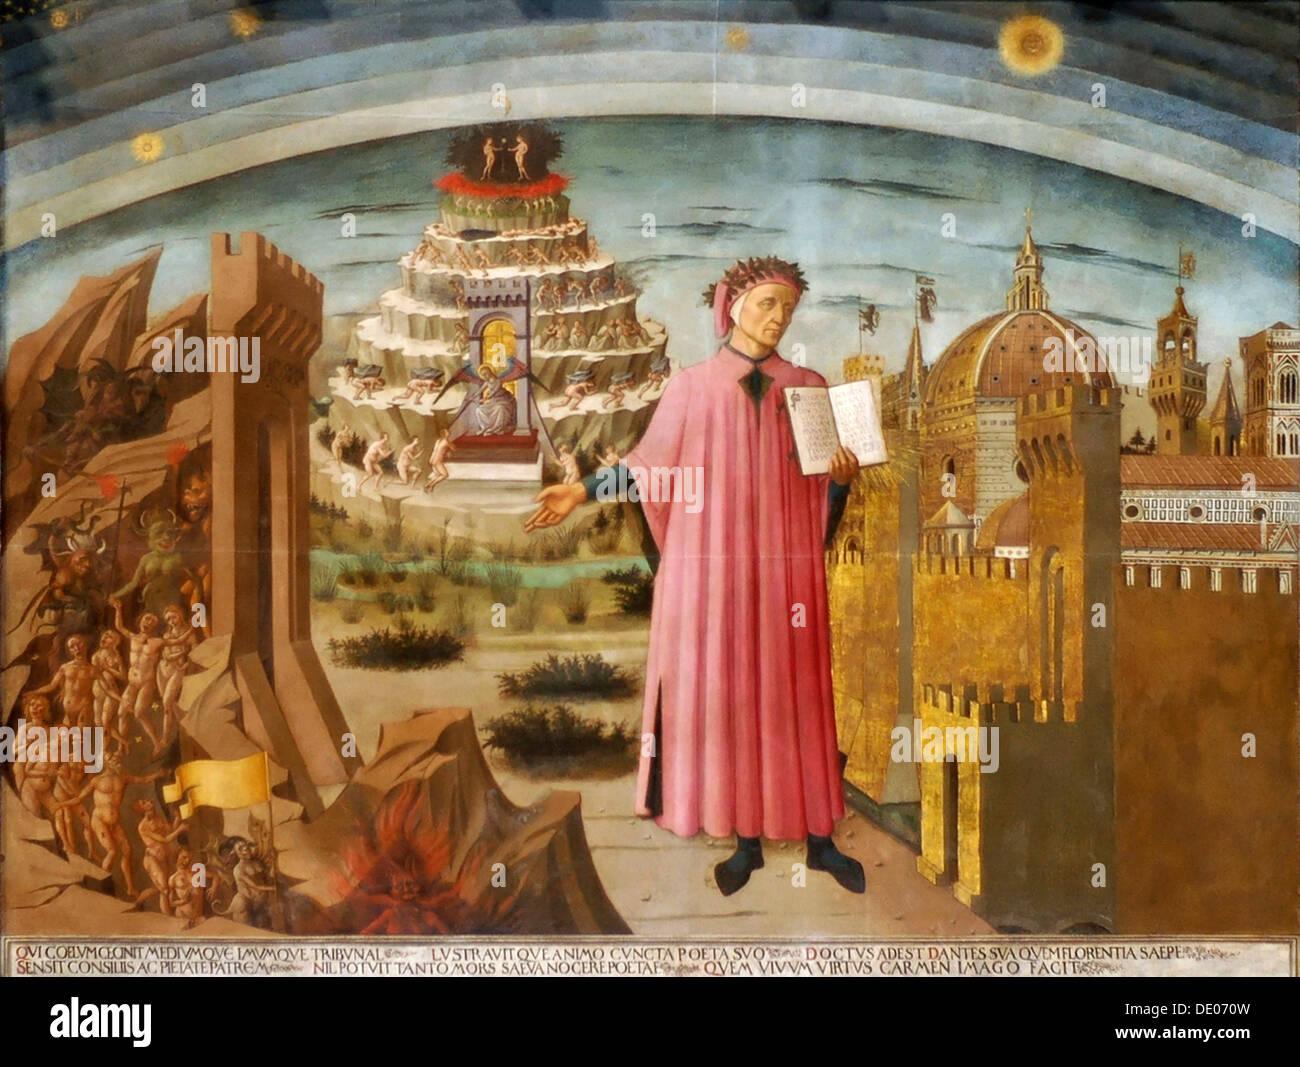 'Dante and the Divine Comedy' (The Comedy Illuminating Florence), 1464-1465.  Artist: Domenico di Michelino - Stock Image